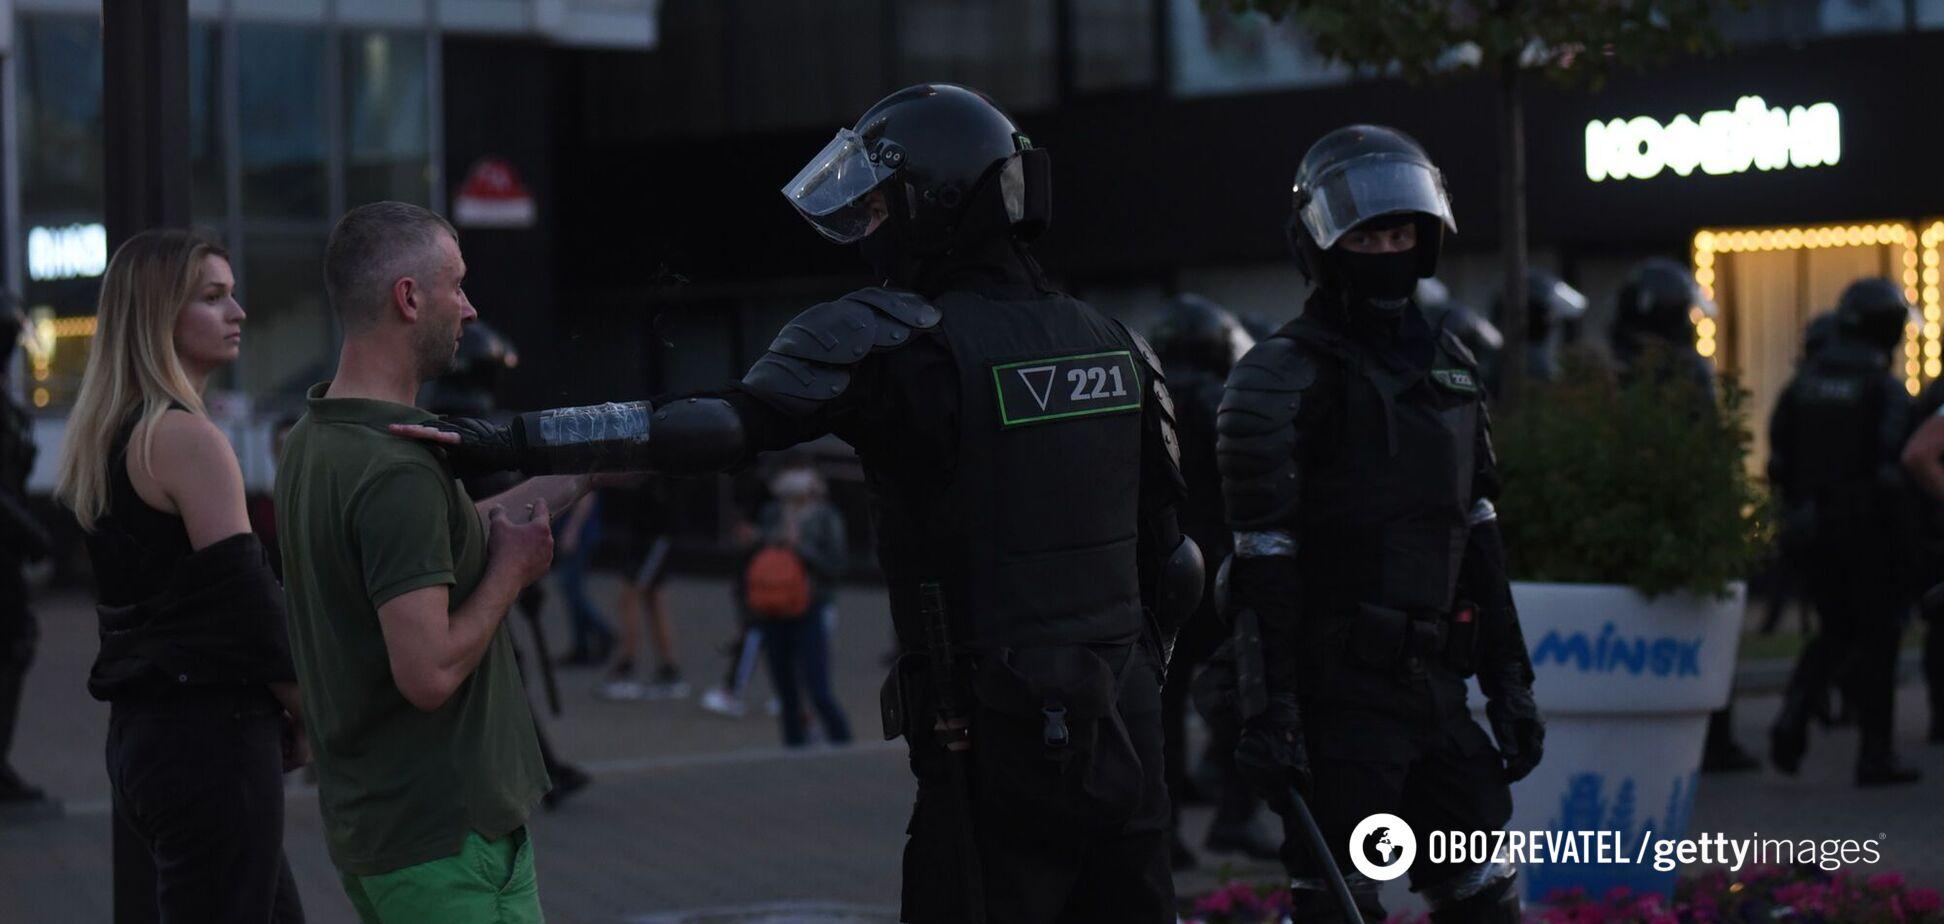 Протести в Білорусі тривають вже три дні